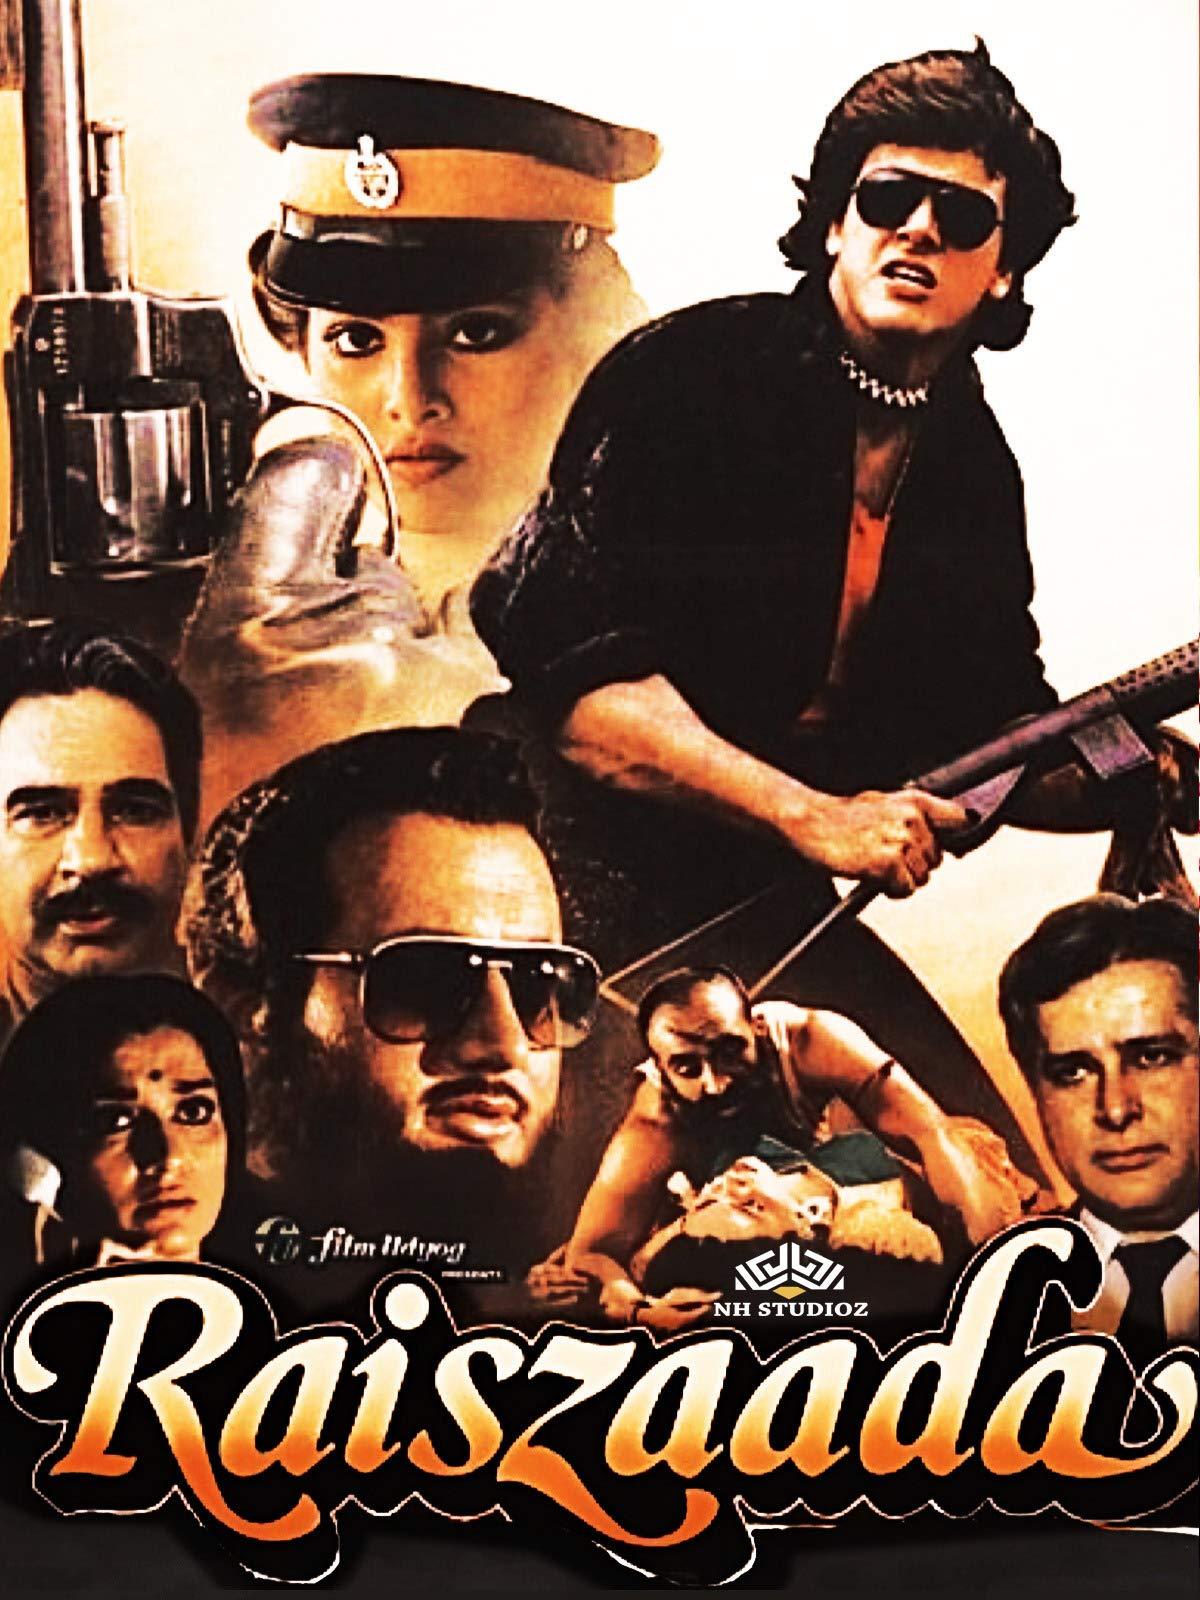 Raeeszada